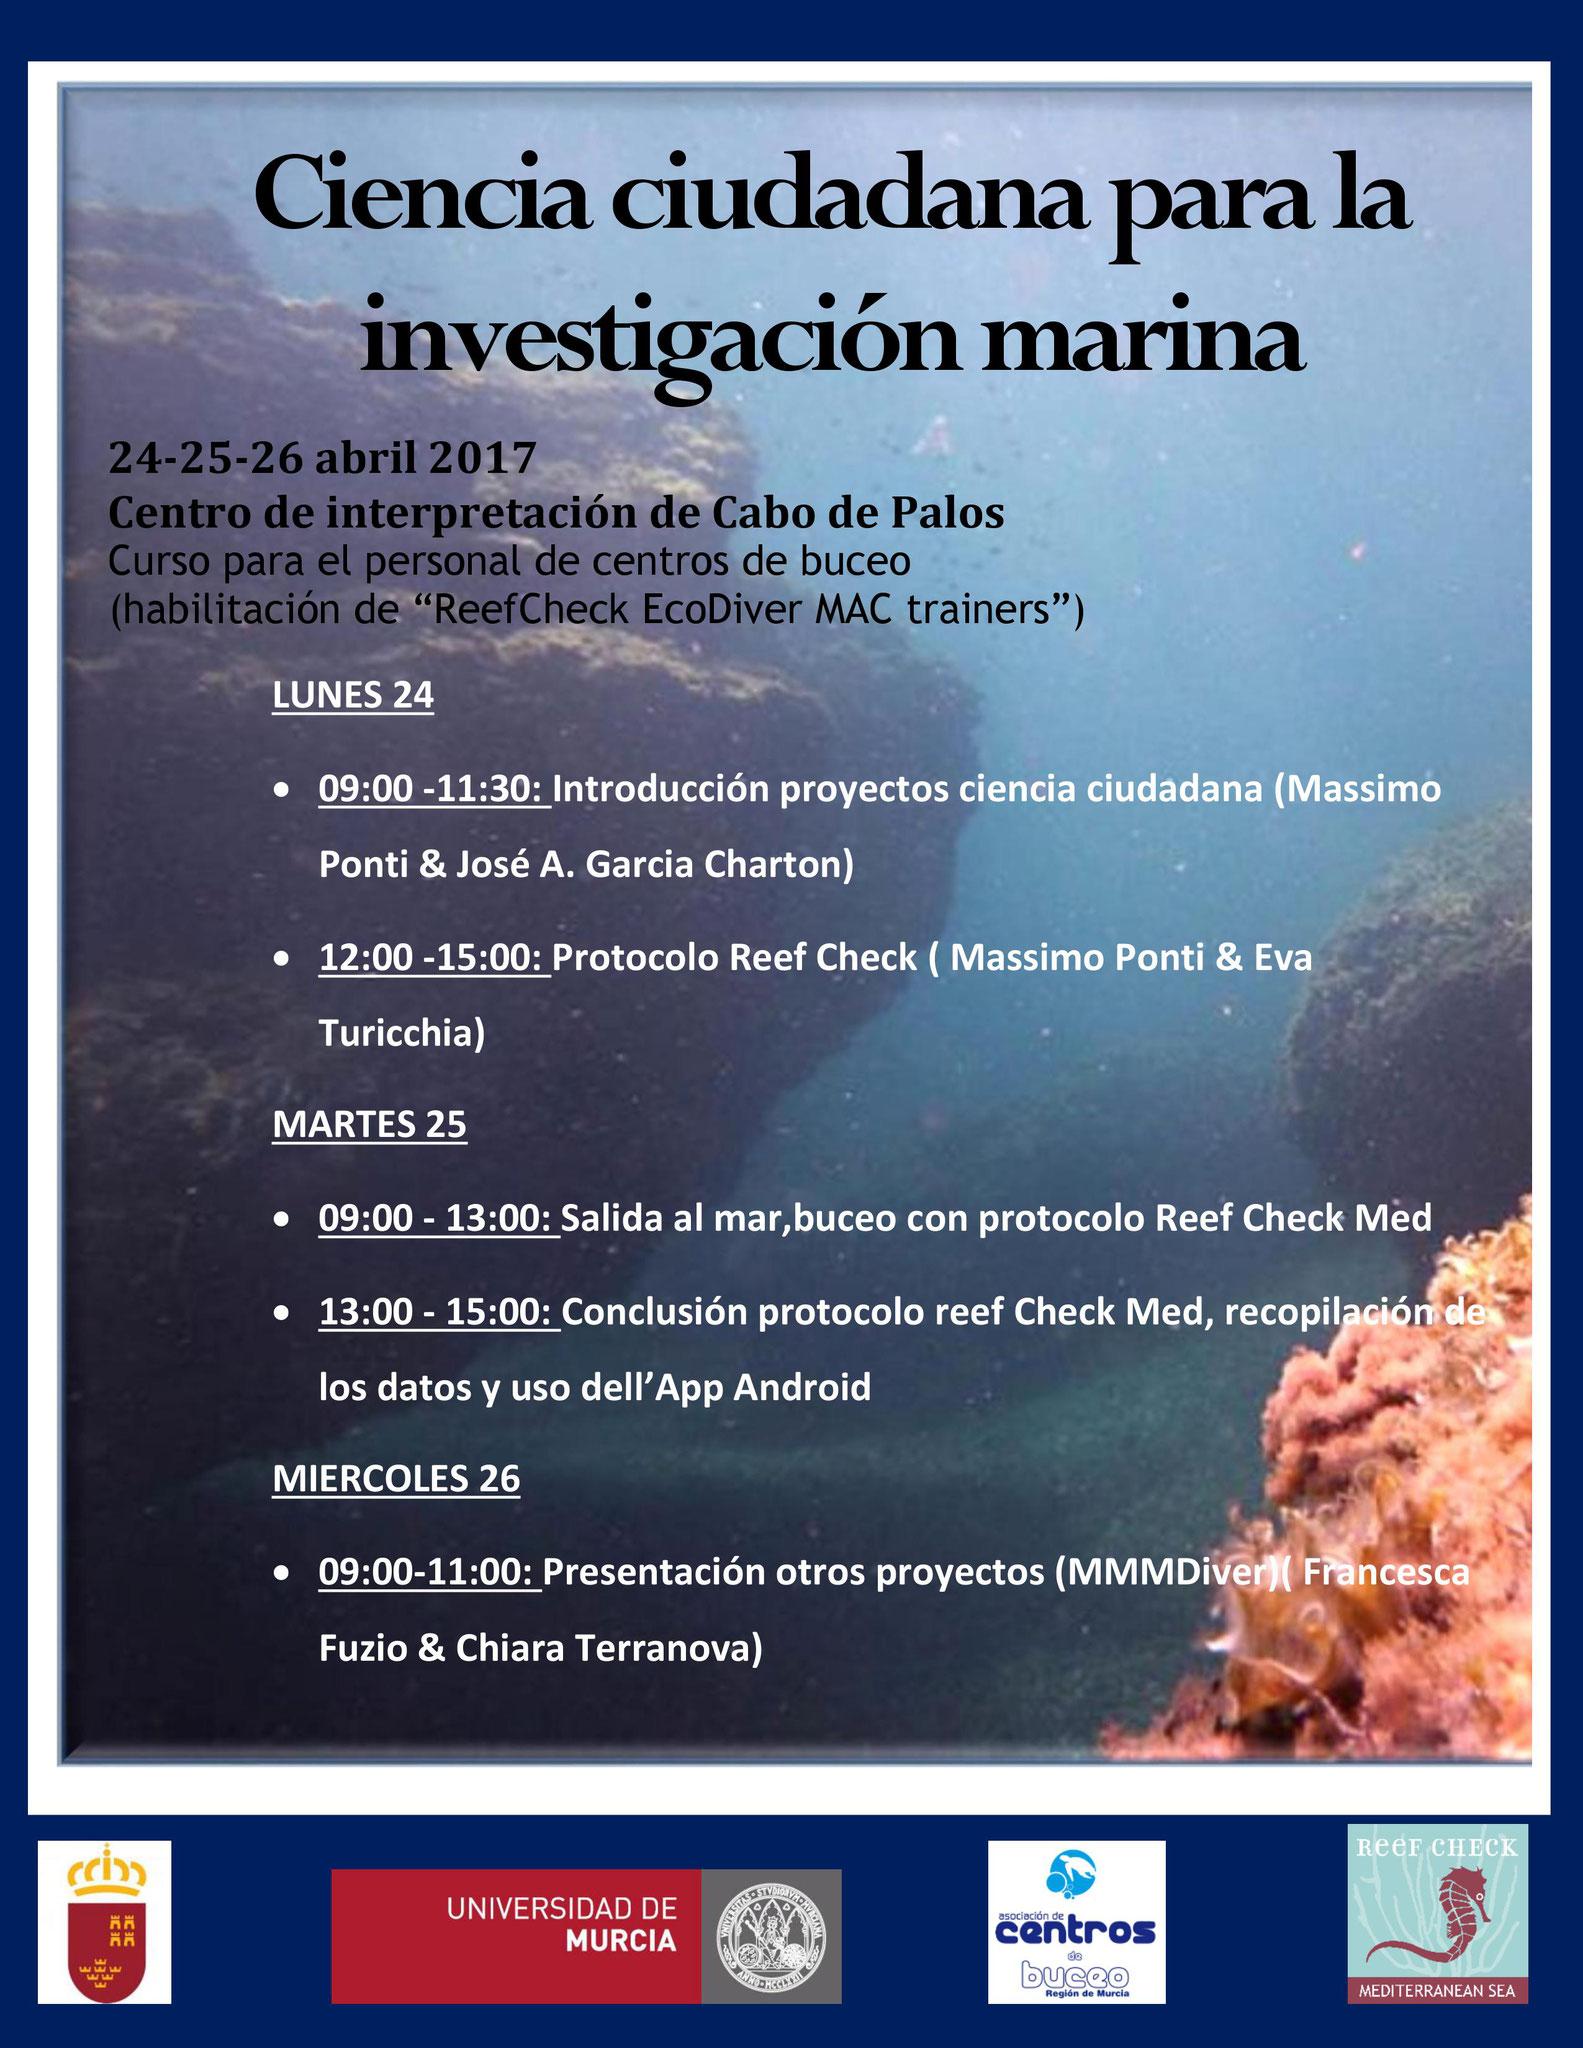 Ciencia ciudadana para la investigacion marina